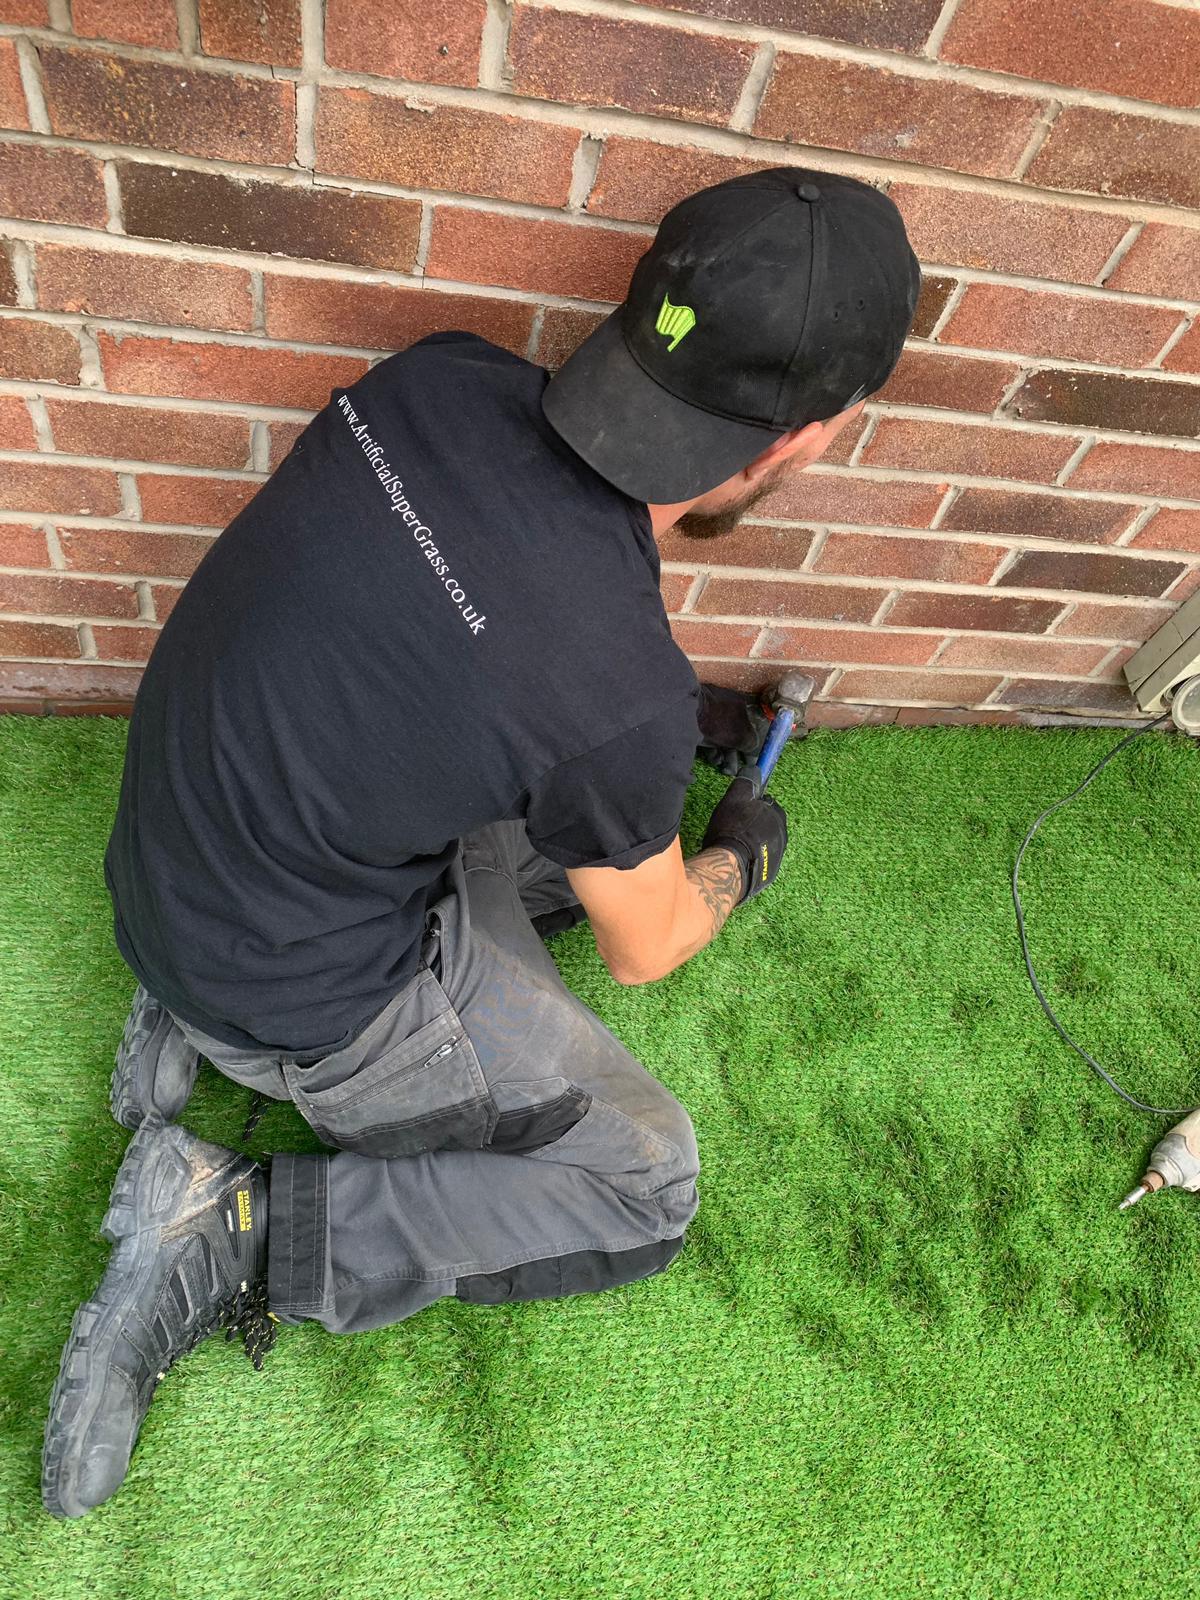 Cheap Fake Grass Middlesbrough Artificial Super Grass